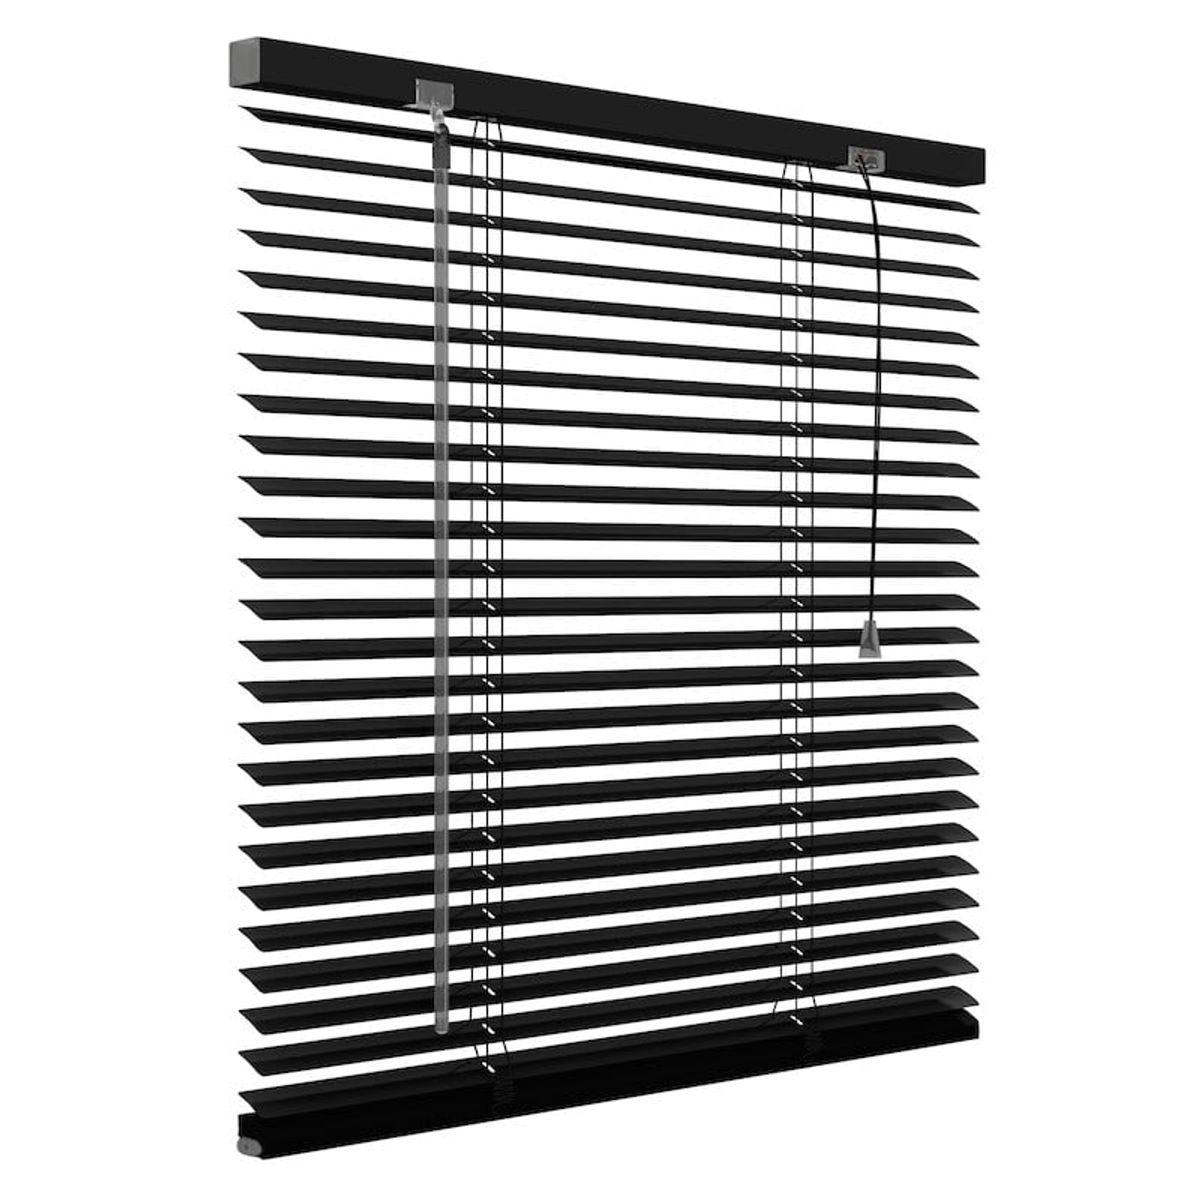 Aluminium jaloezie 25mm - Mat zwart - 60cm x 180cm